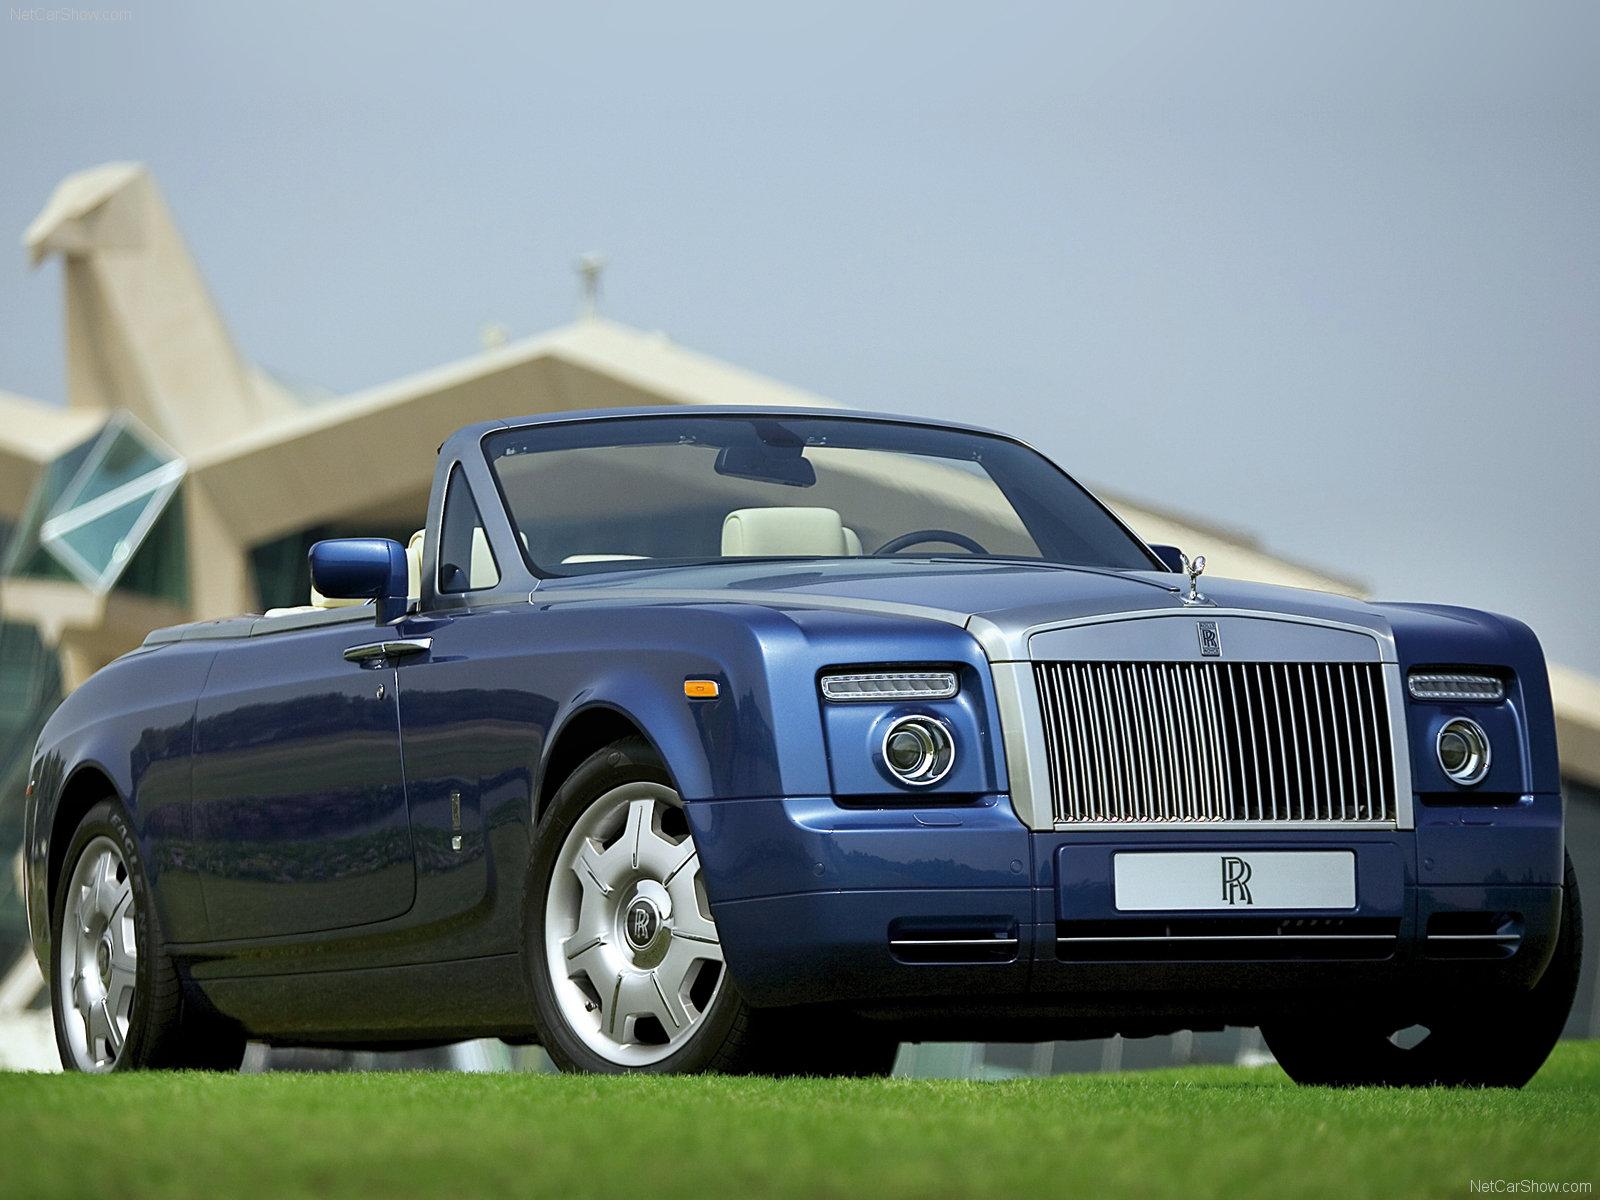 Rolls royce beautiful car wallpaper taste wallpapers - Royal royce car wallpaper ...